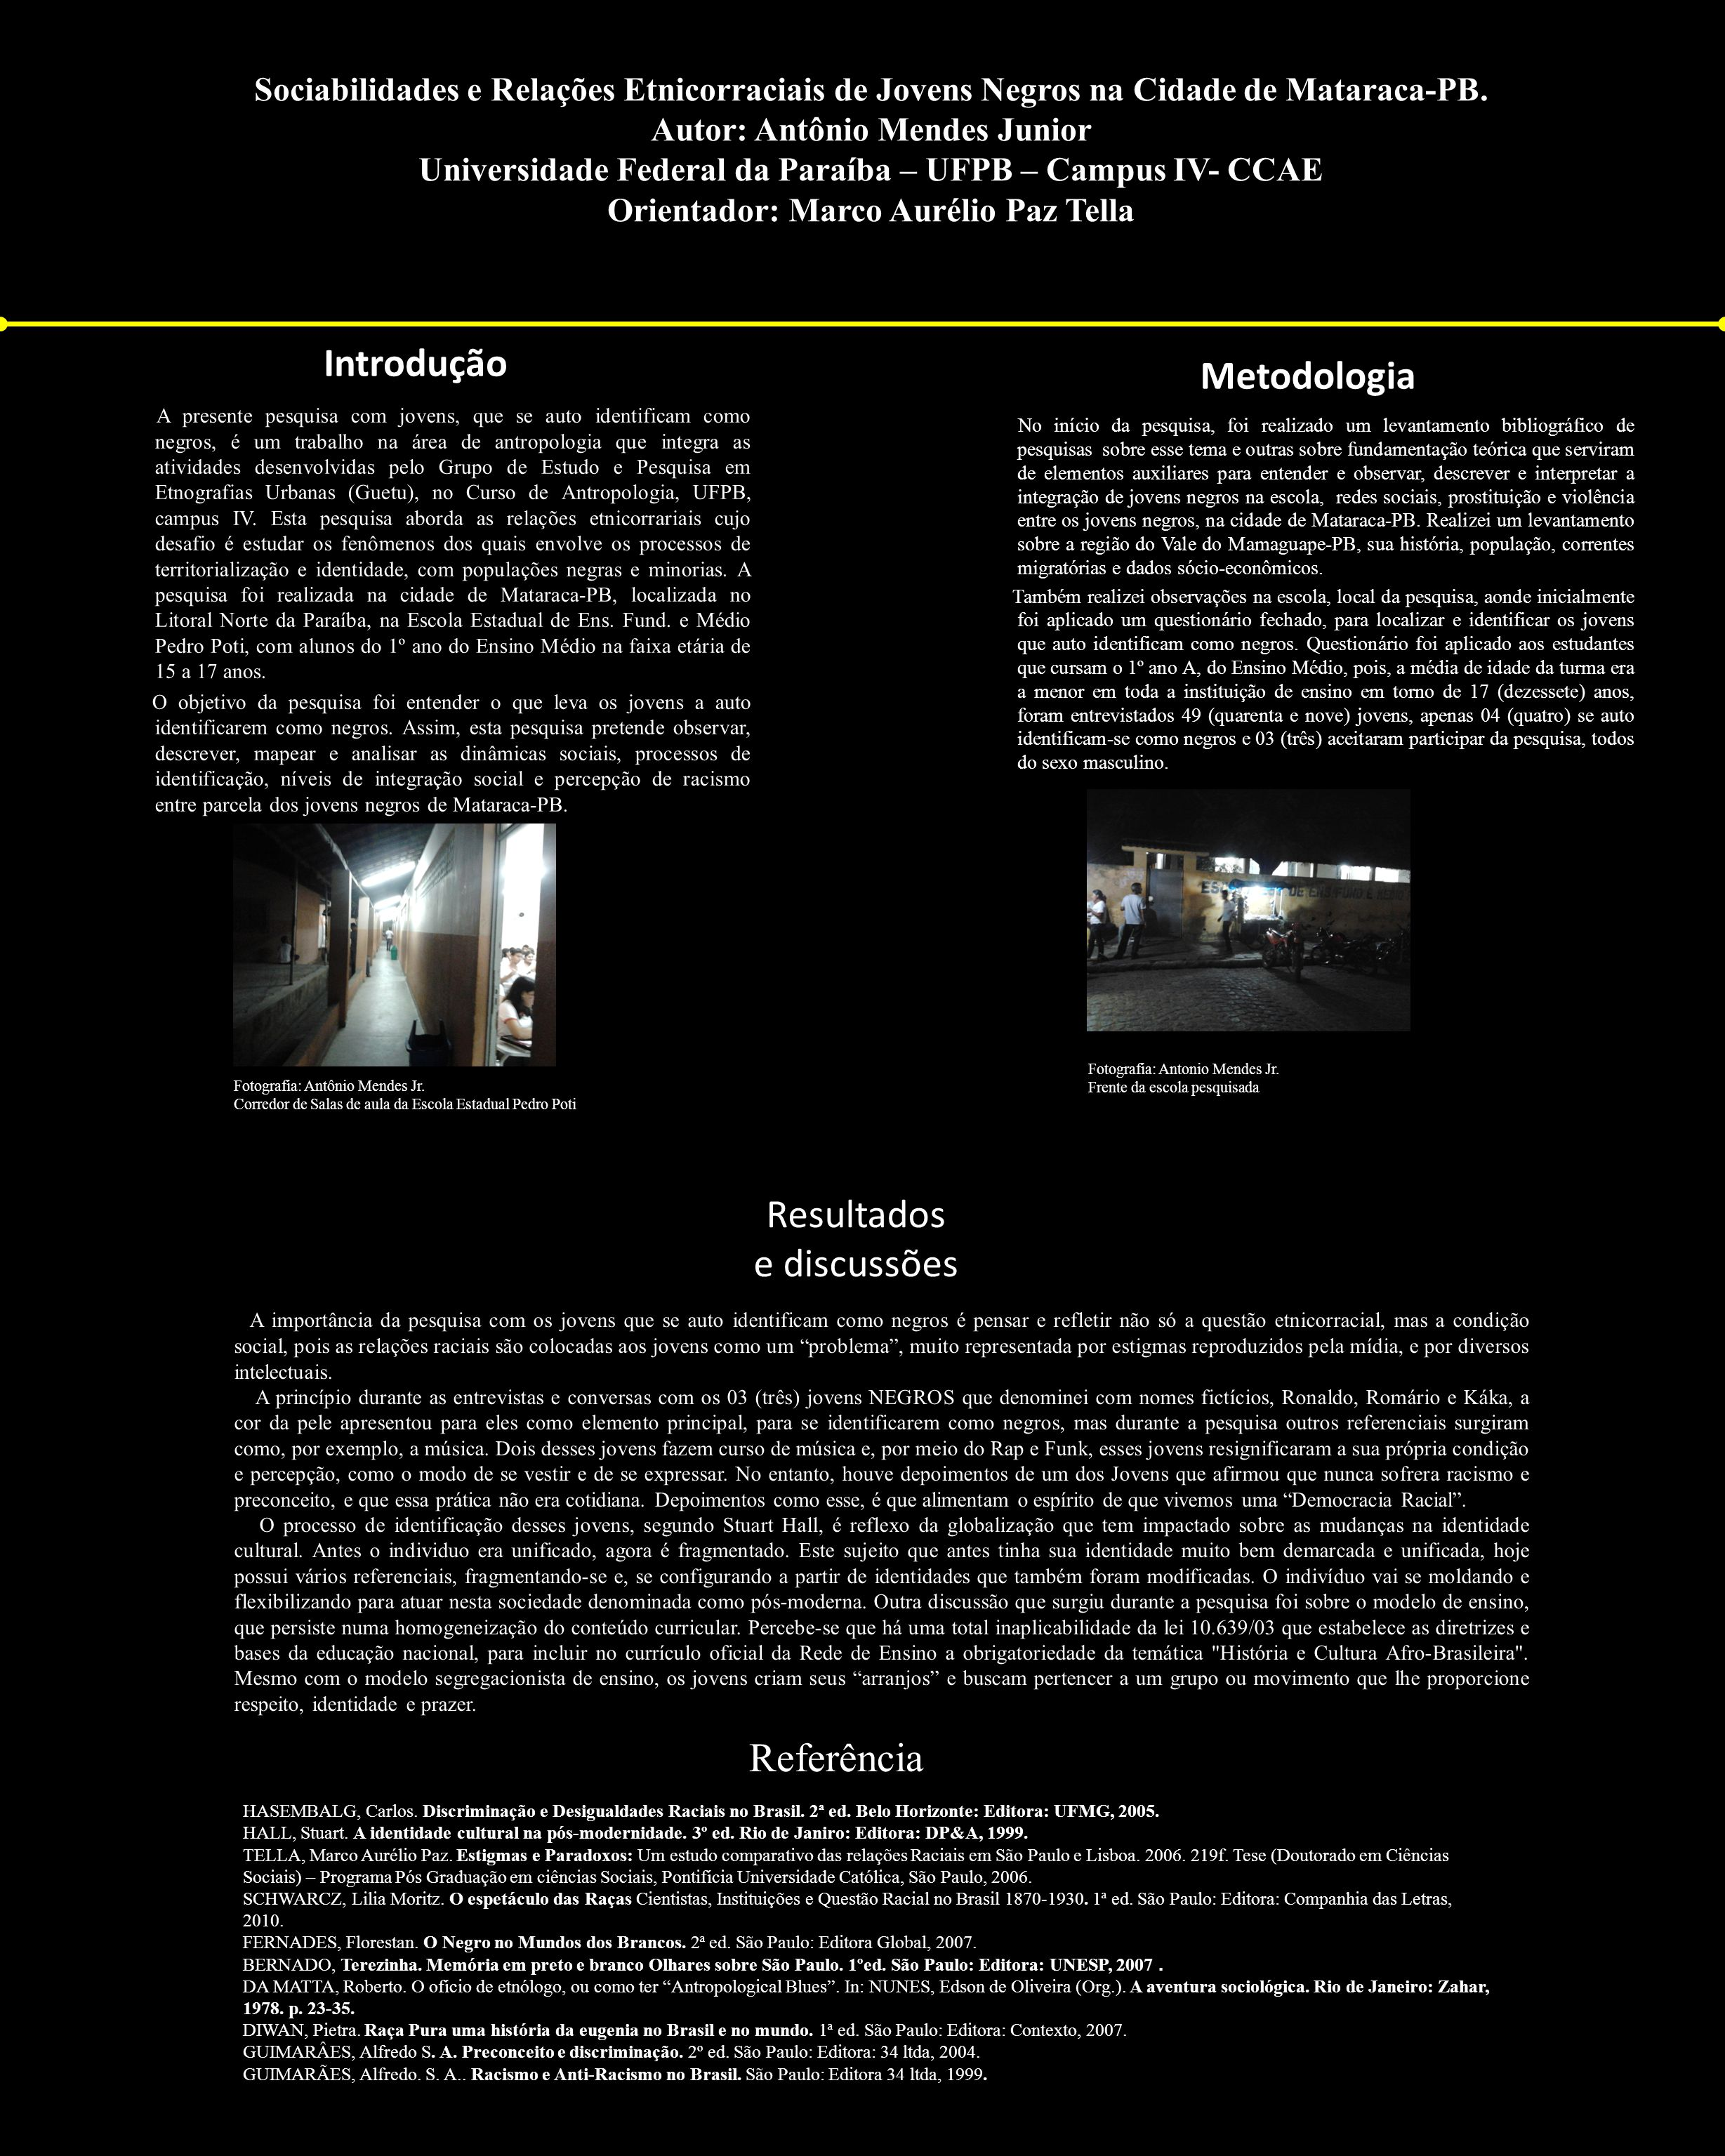 Sociabilidades e Relações Etnicorraciais de Jovens Negros na Cidade de Mataraca-PB.